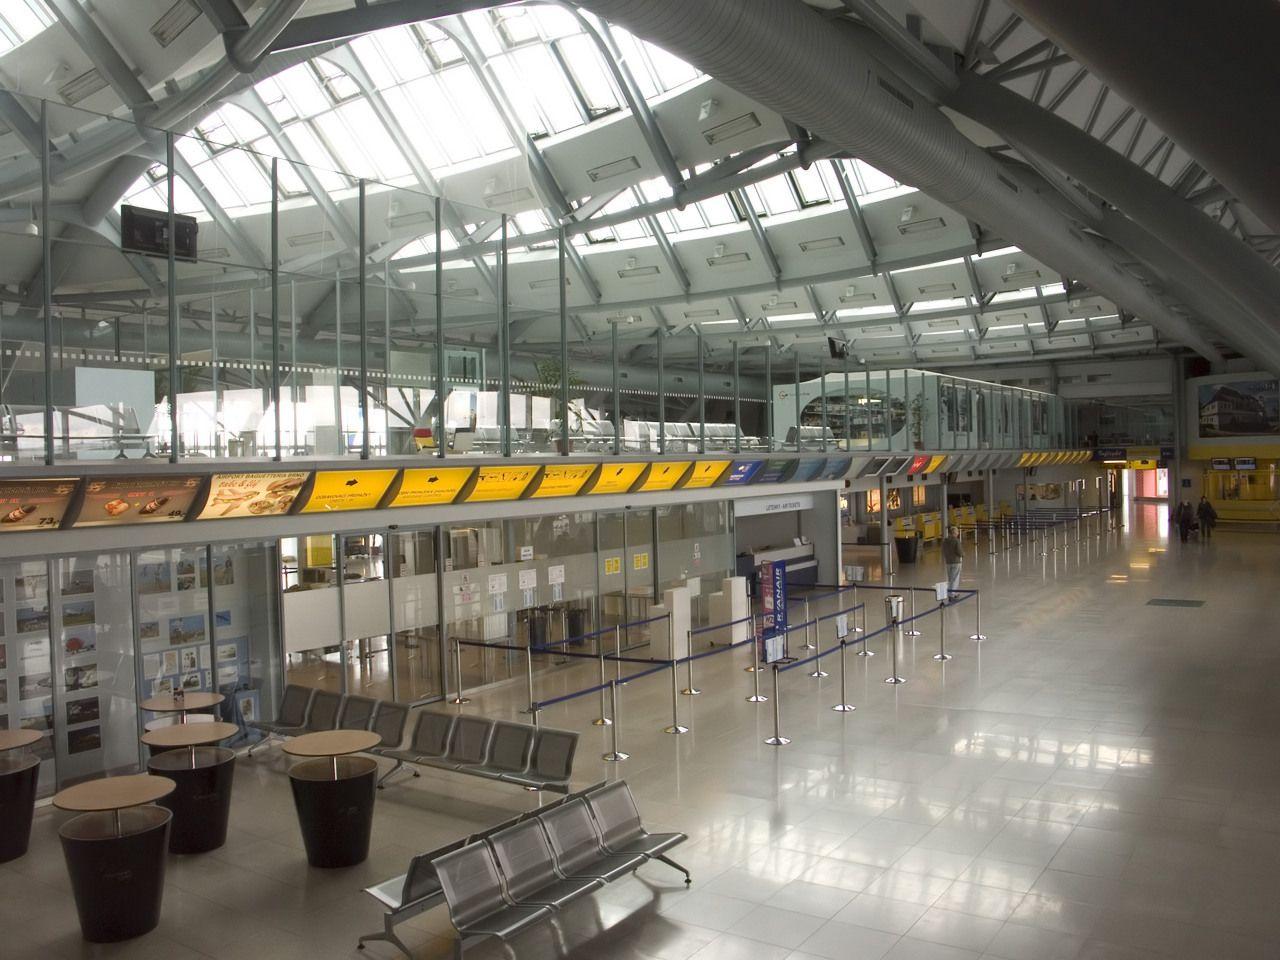 2012-11-12. Etihad Airways увеличила норму провоза багажа.  На минувшей неделе авиакомпания Etihad Airways повысила...